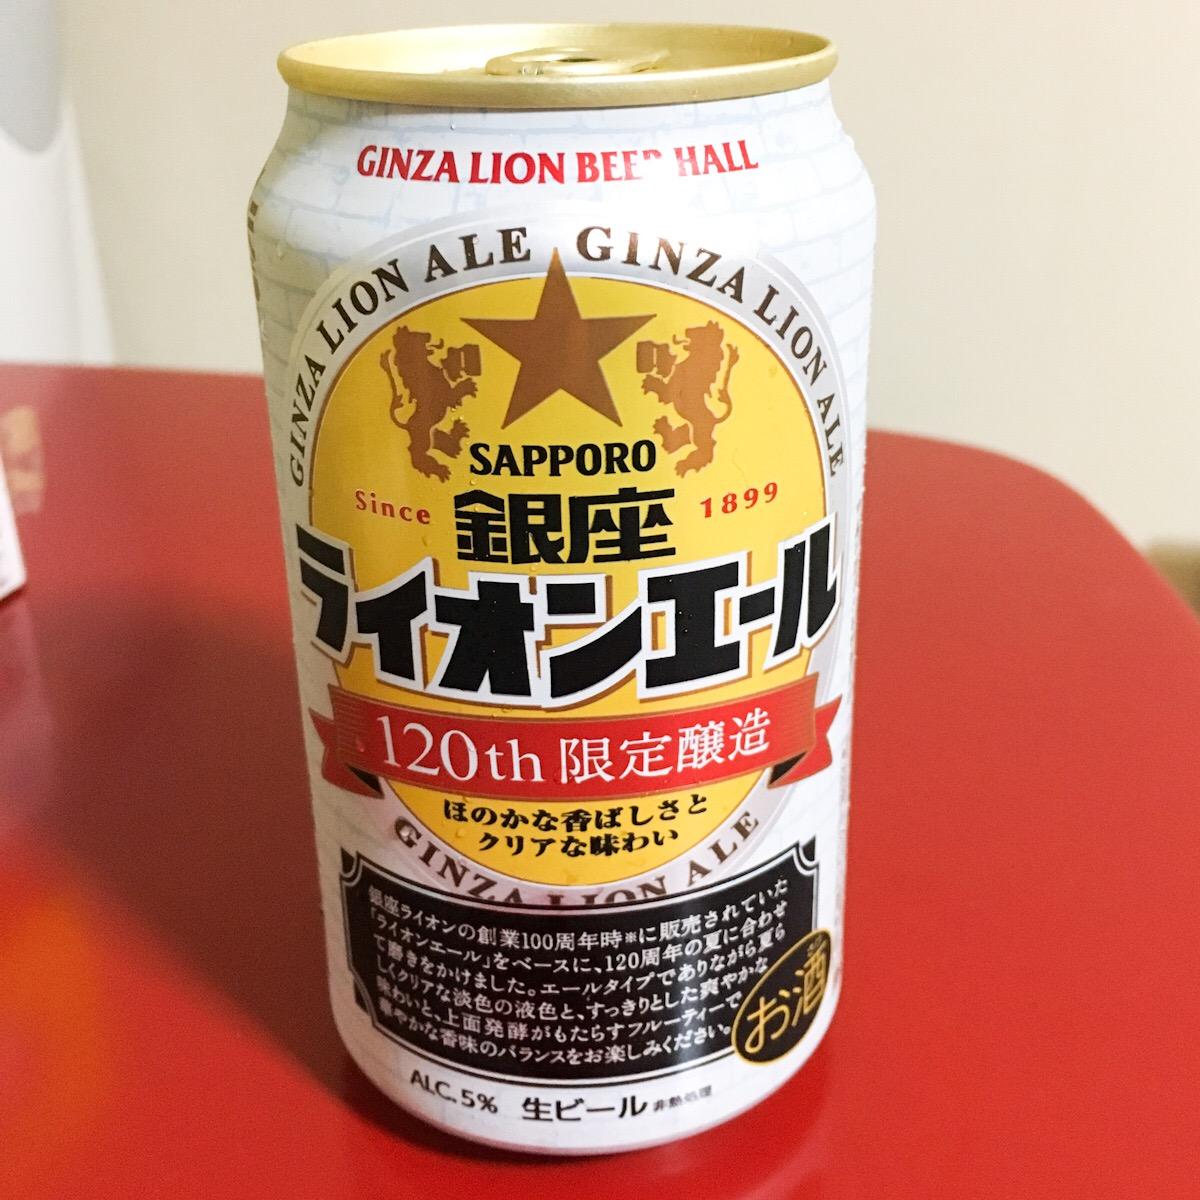 銀座ライオンのビールがコンビニで飲める!「銀座ライオンエール」